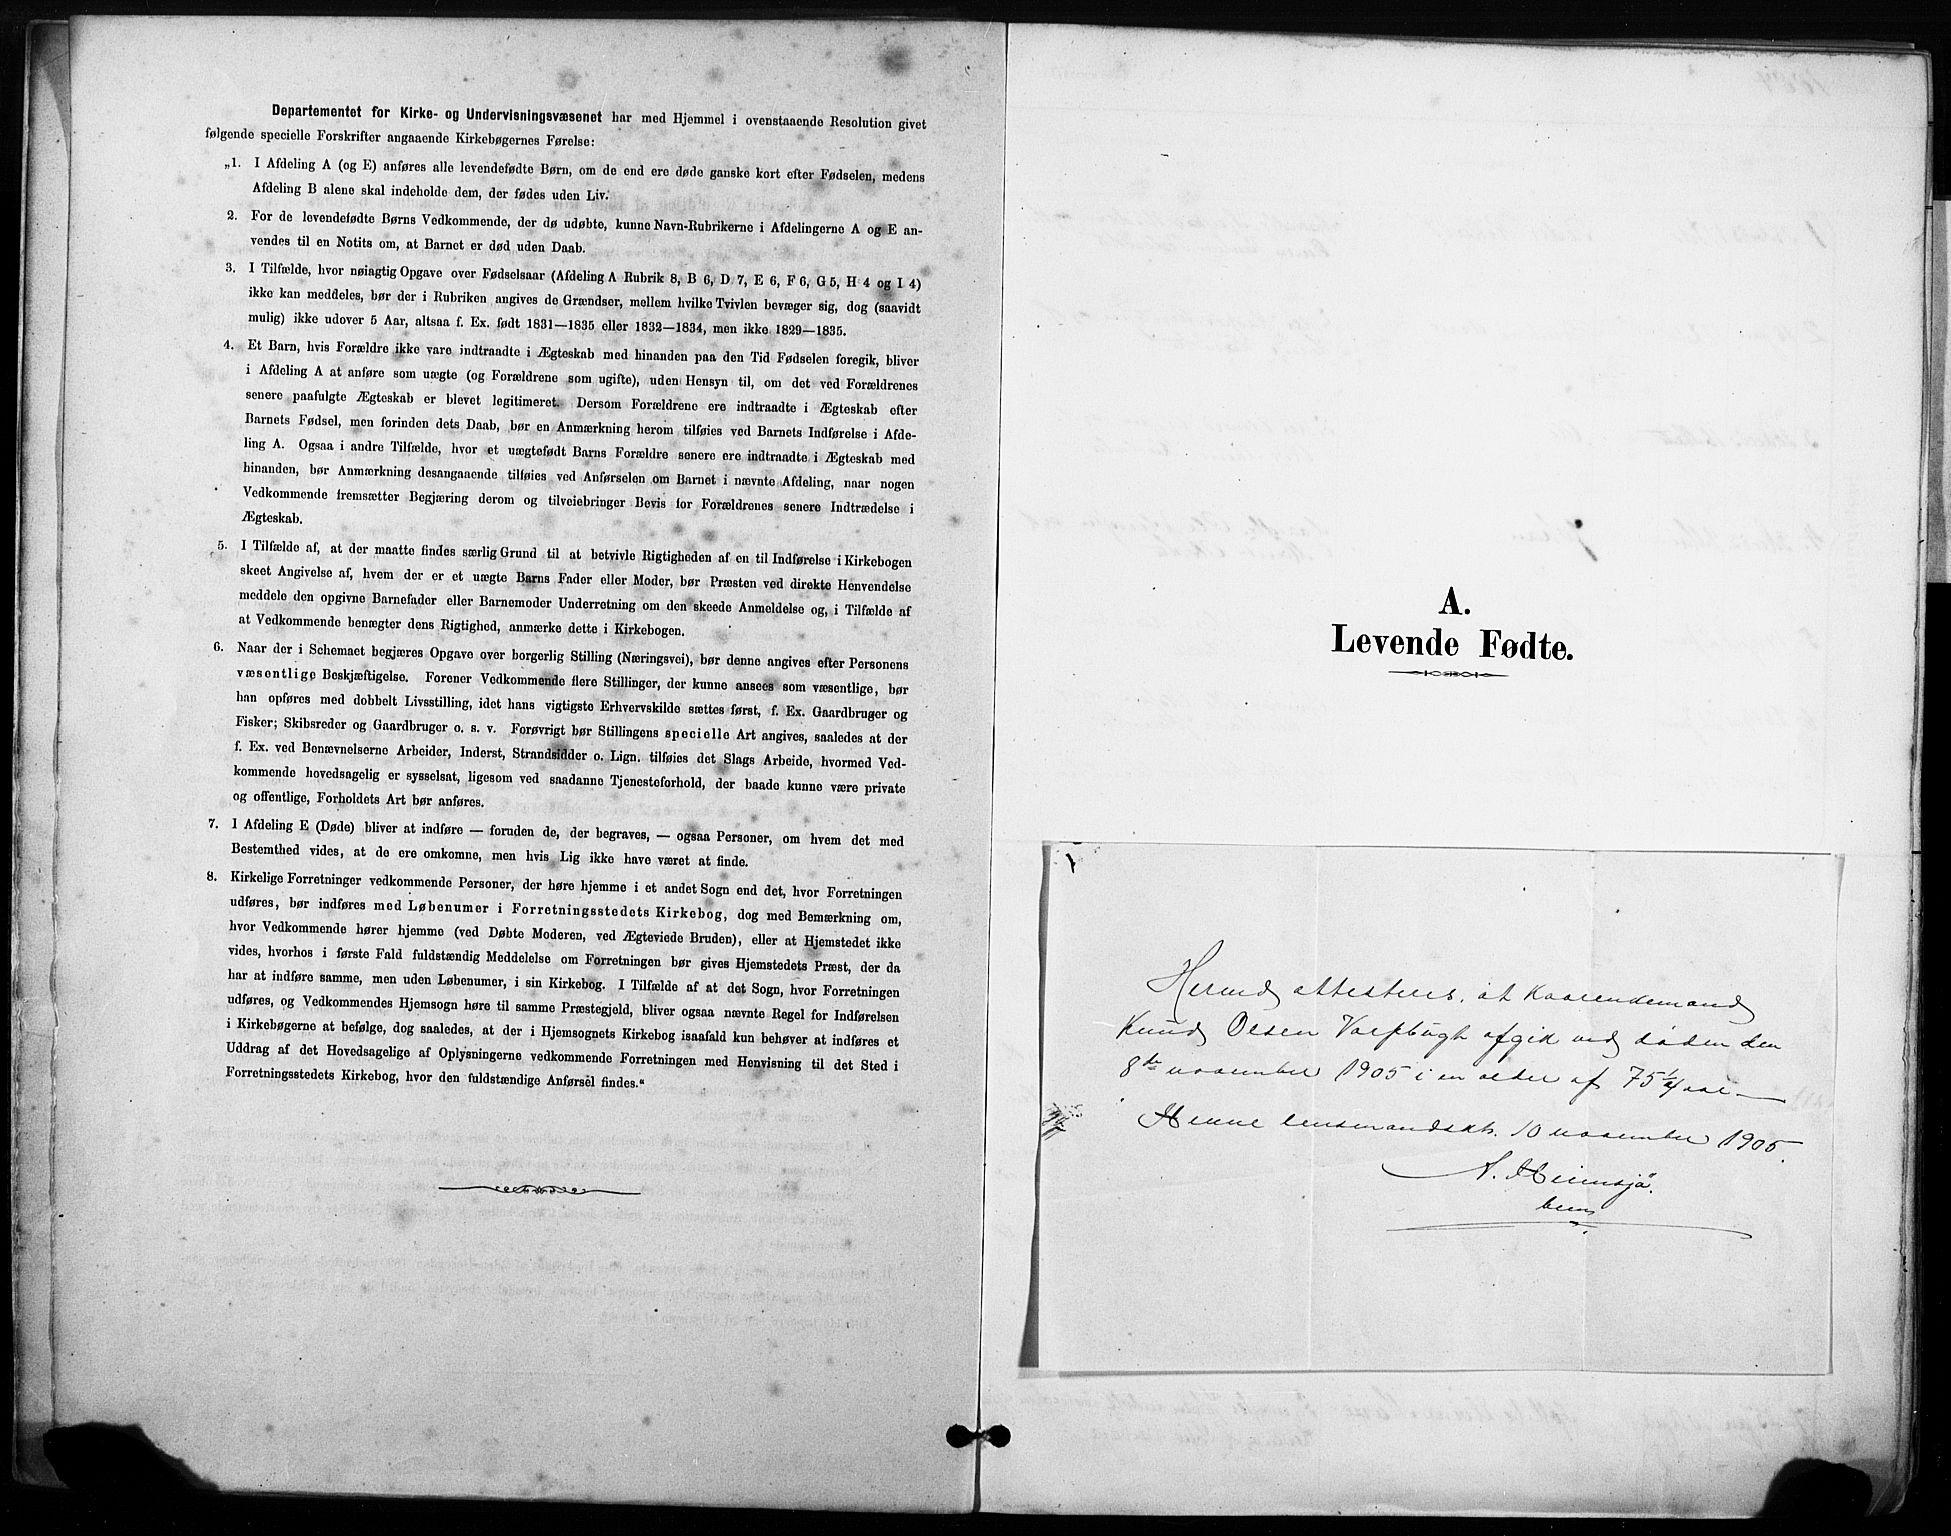 SAT, Ministerialprotokoller, klokkerbøker og fødselsregistre - Sør-Trøndelag, 633/L0518: Ministerialbok nr. 633A01, 1884-1906